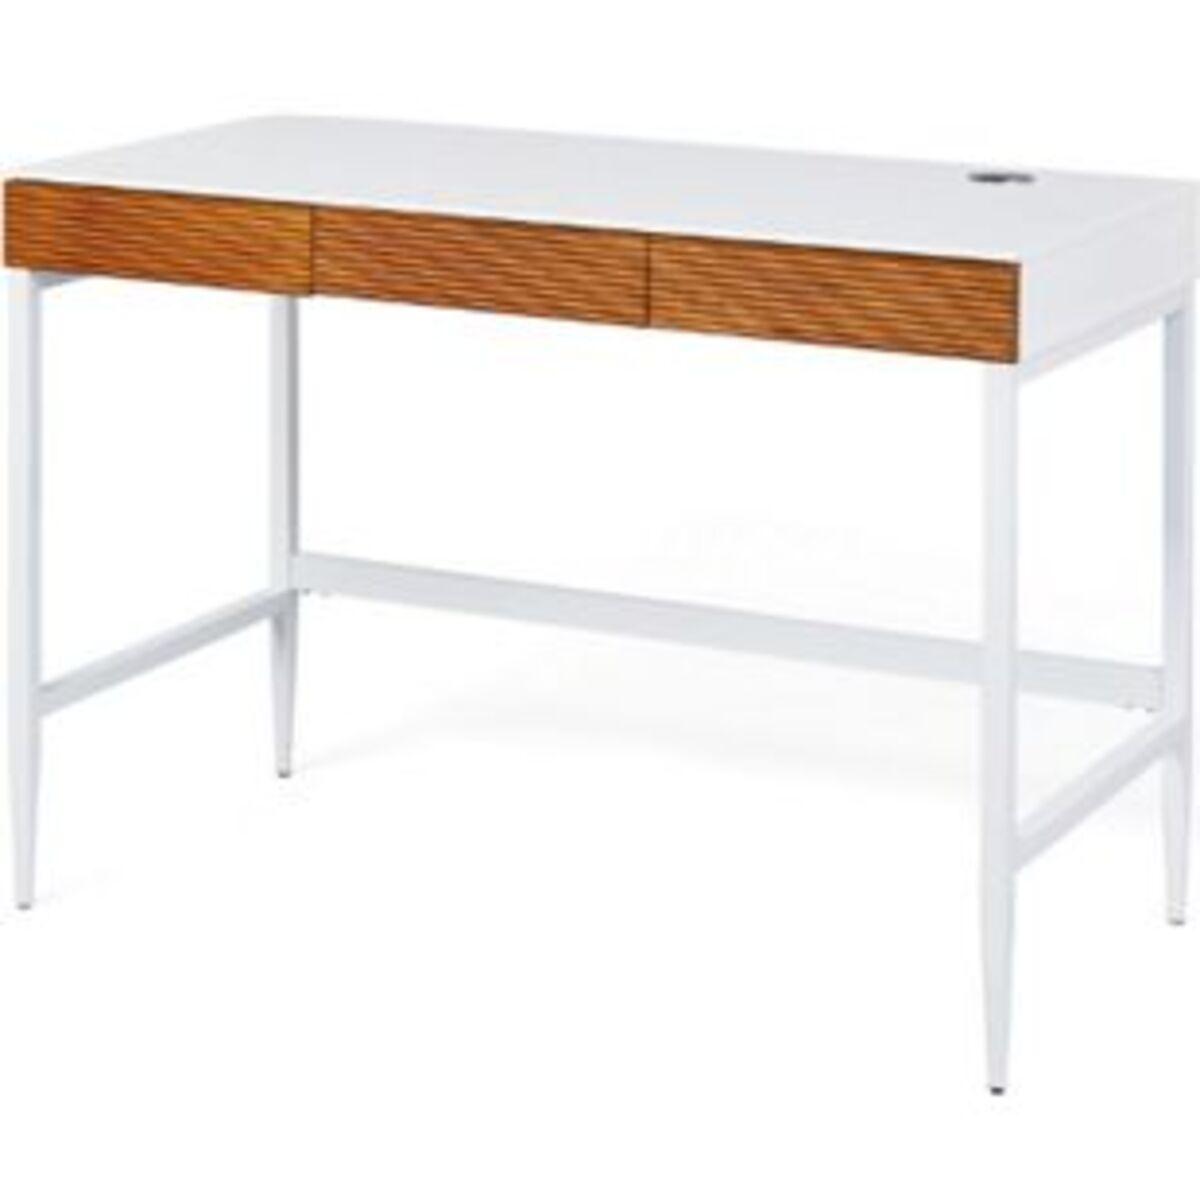 Bild 2 von Inter Link Schreibtisch Scandici D in Weiss und Wildeiche mit 3 Schubladen